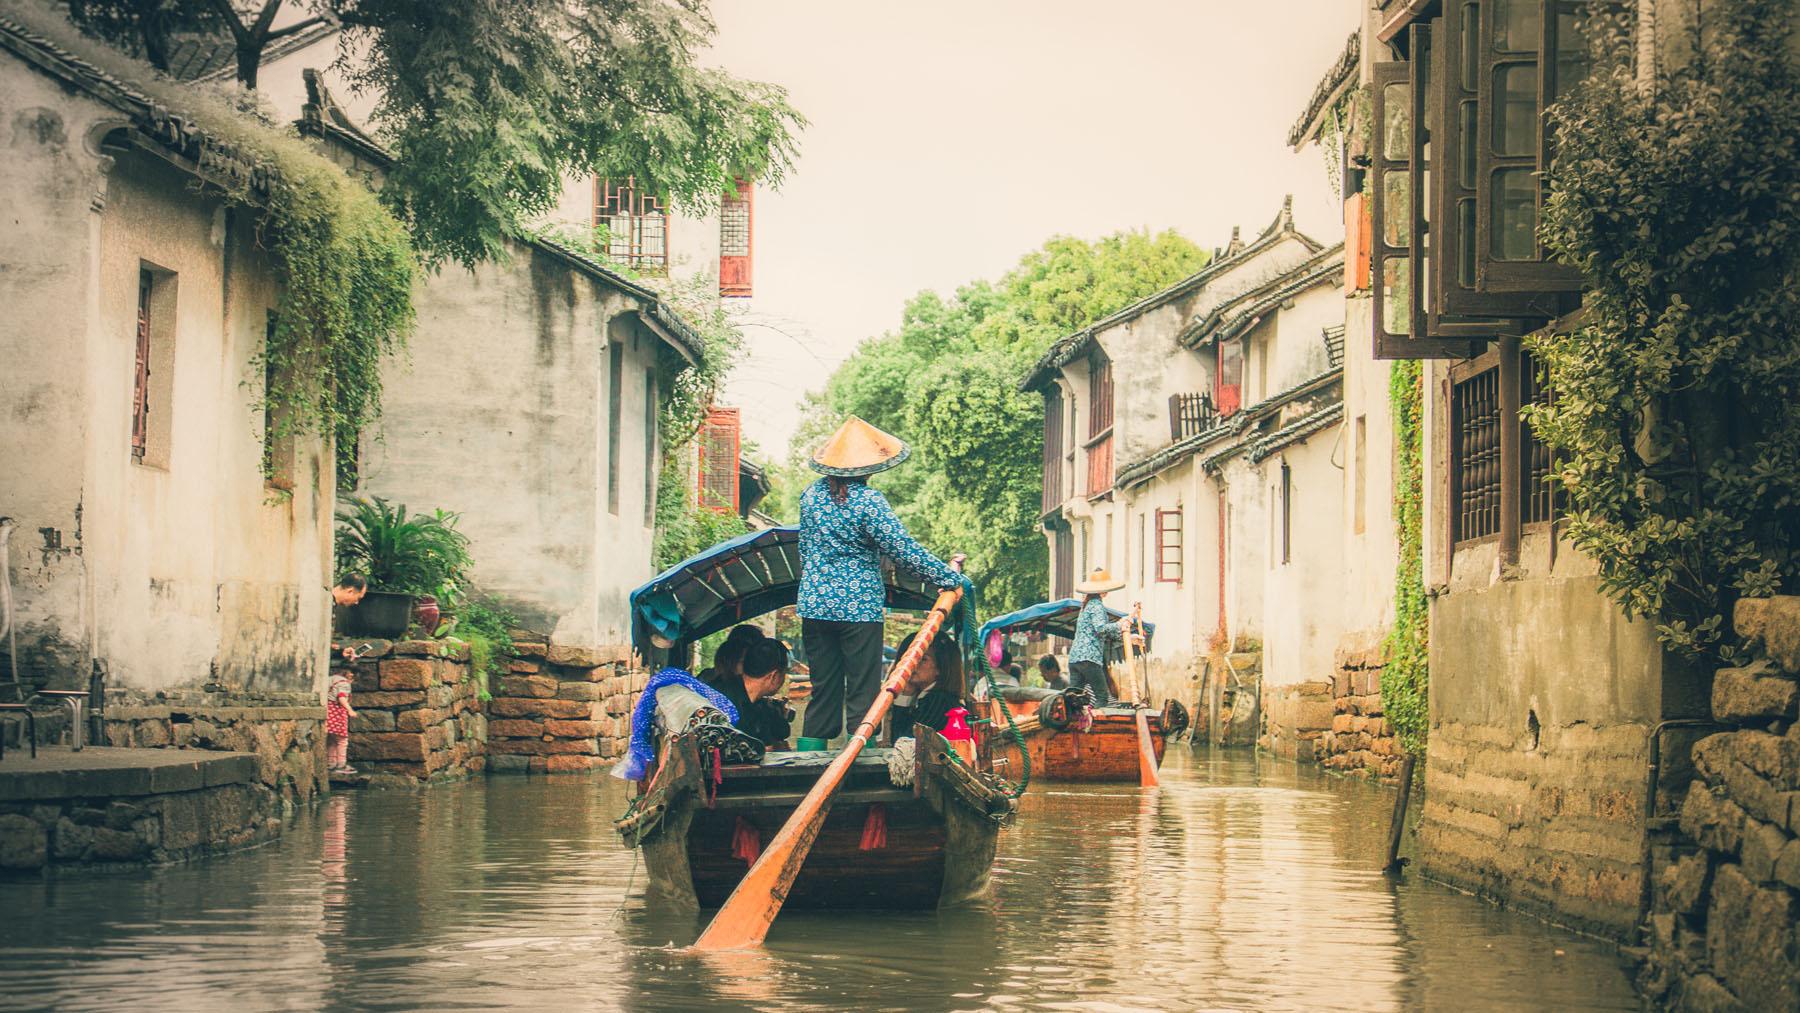 zhouzhouang_1046583364